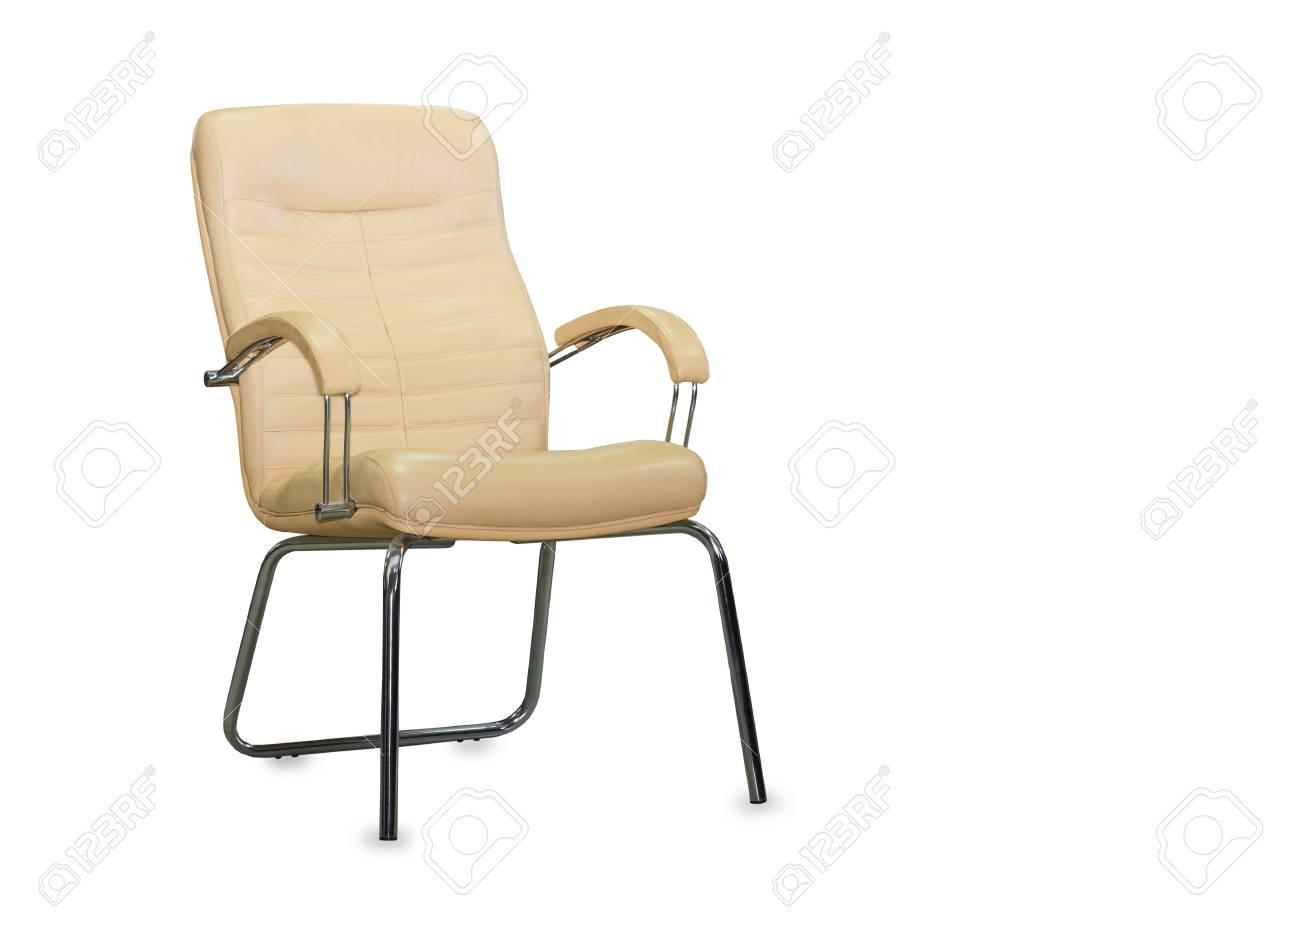 Moderna sedia da ufficio in pelle beige. isolato foto royalty free